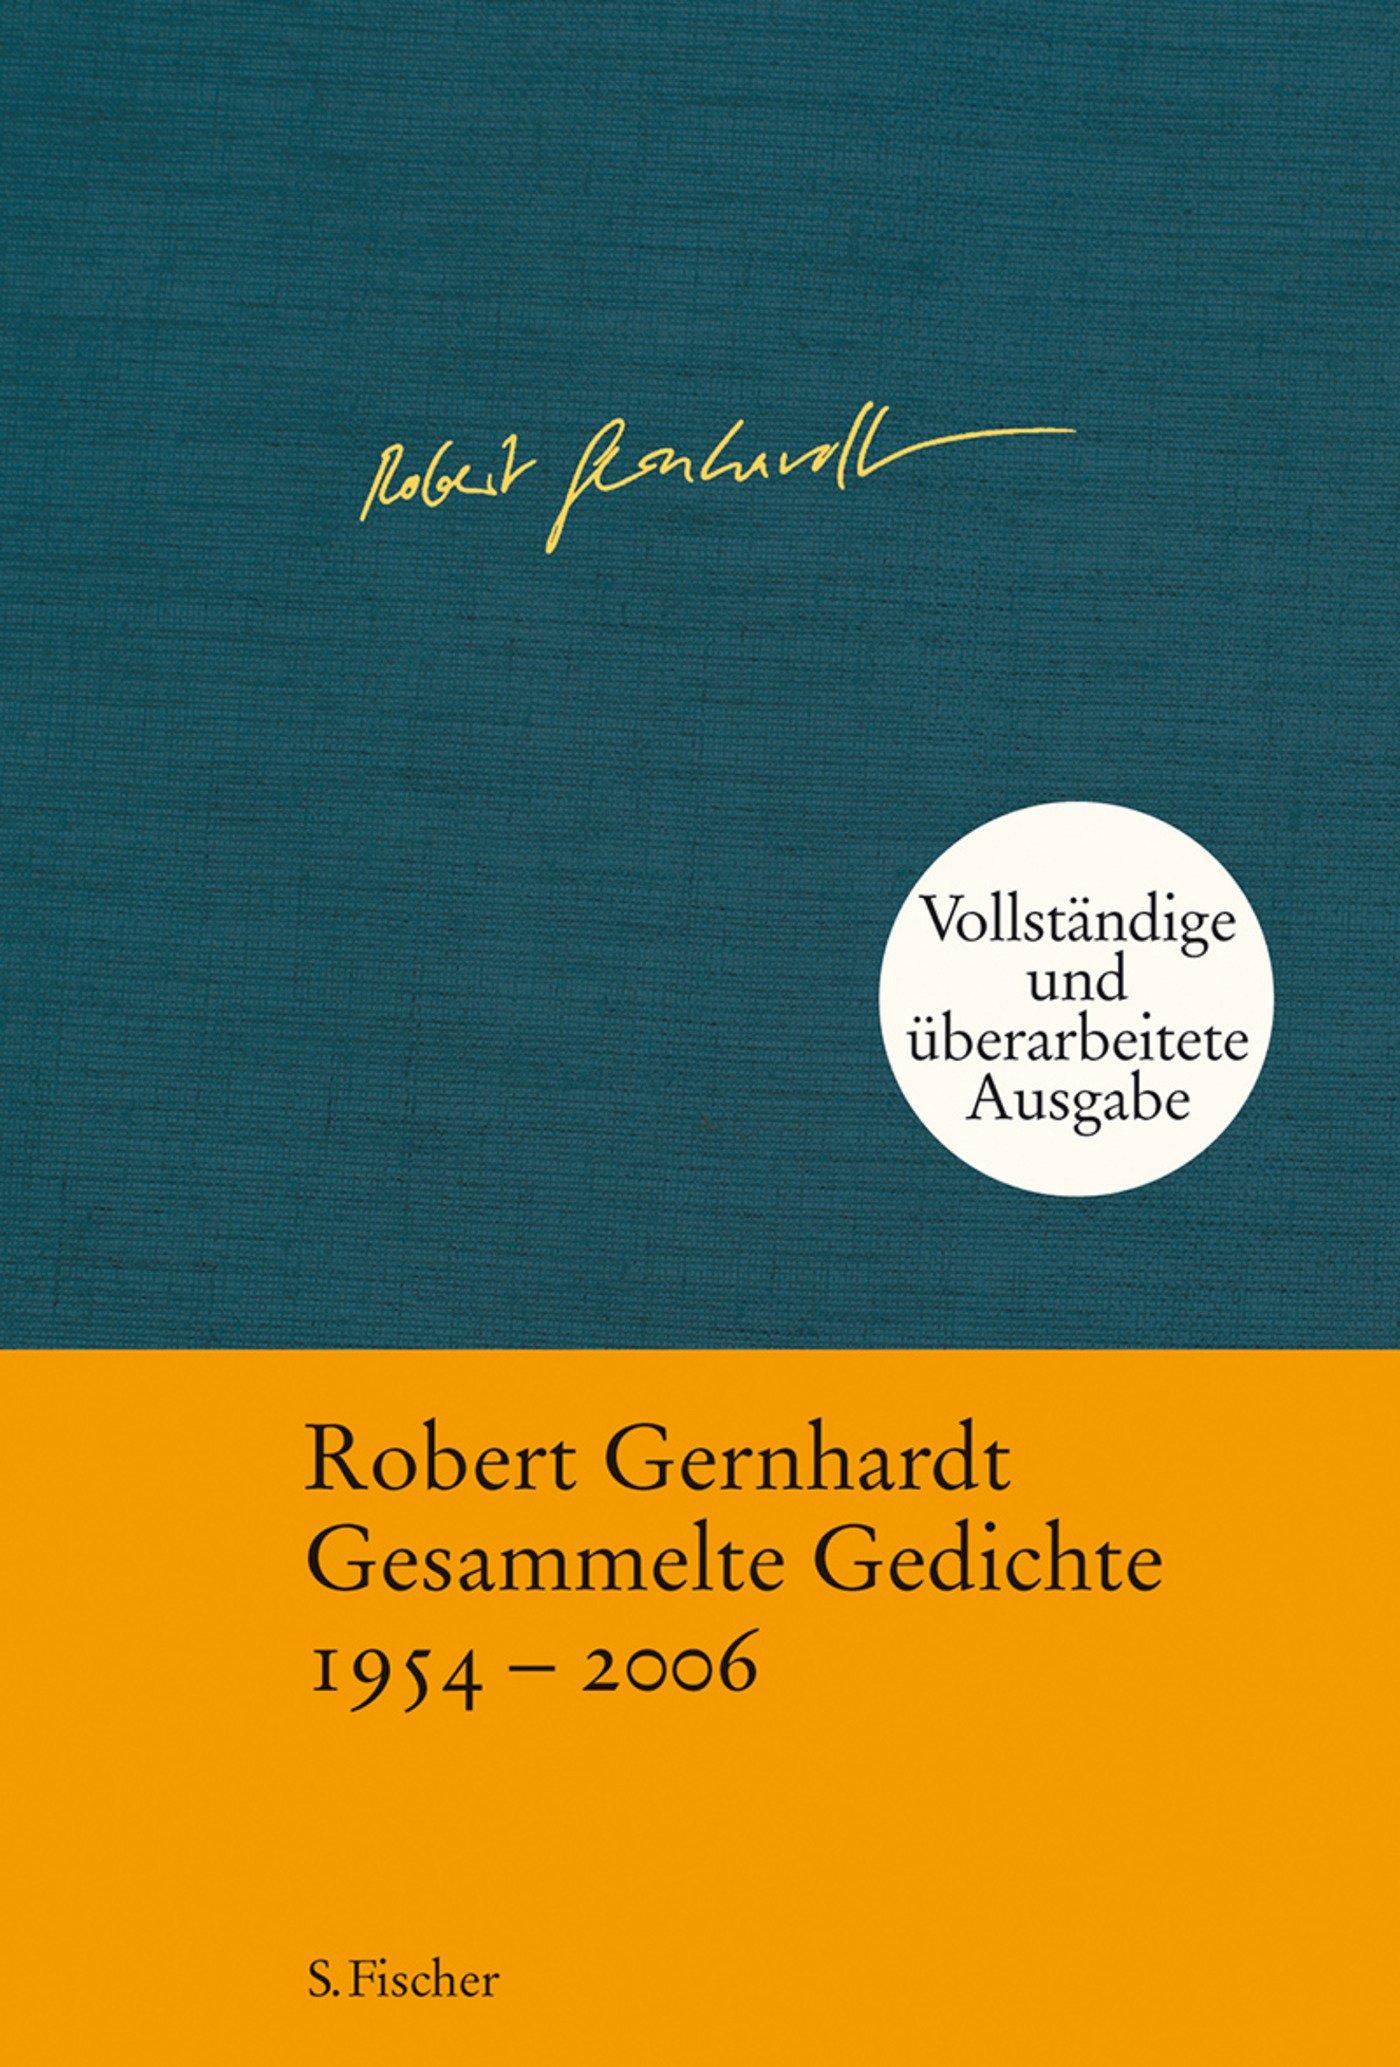 Gesammelte Gedichte Bei Sigmund Freud Buchhandlung Kaufen